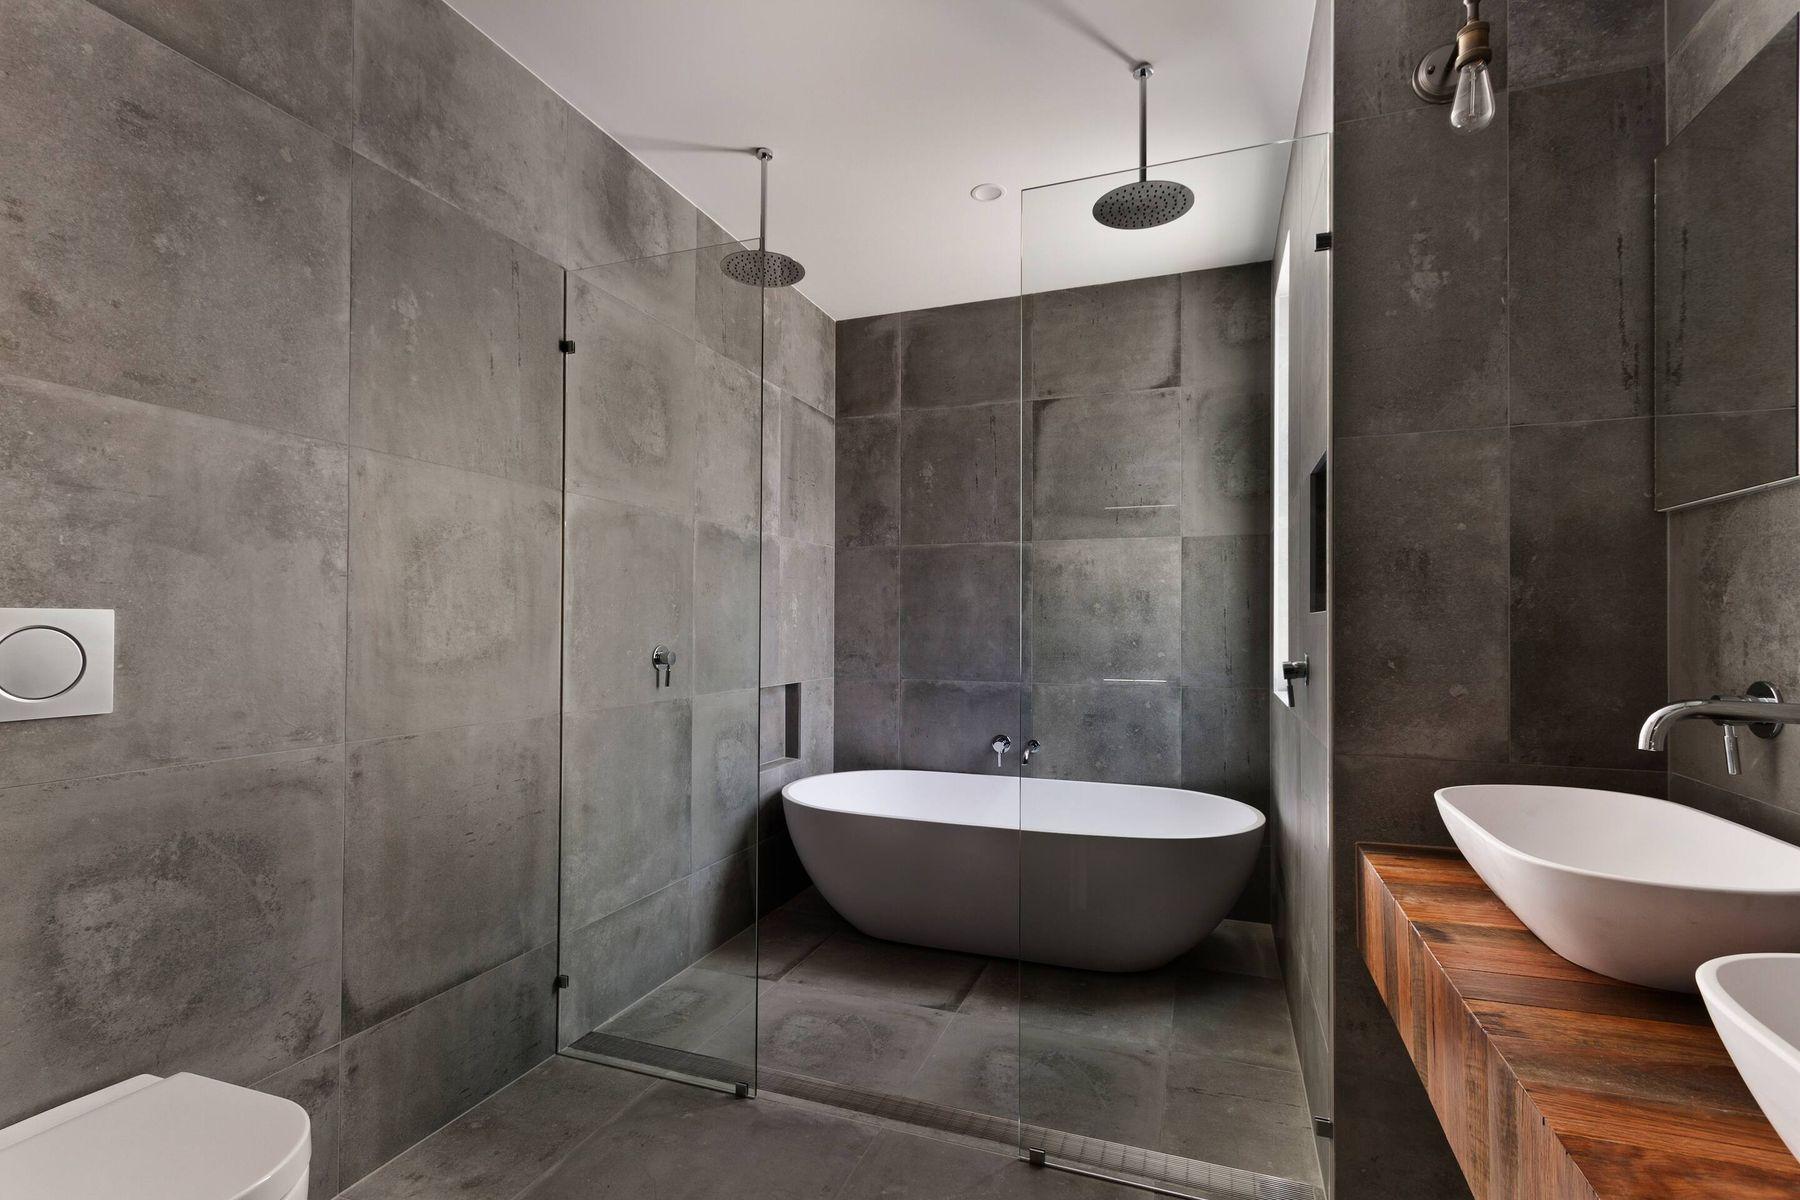 बाथरूम में लगे पत्थर की टाइल्स की चमक रखे बरक़रार, ये उपाय हैं असरदार!